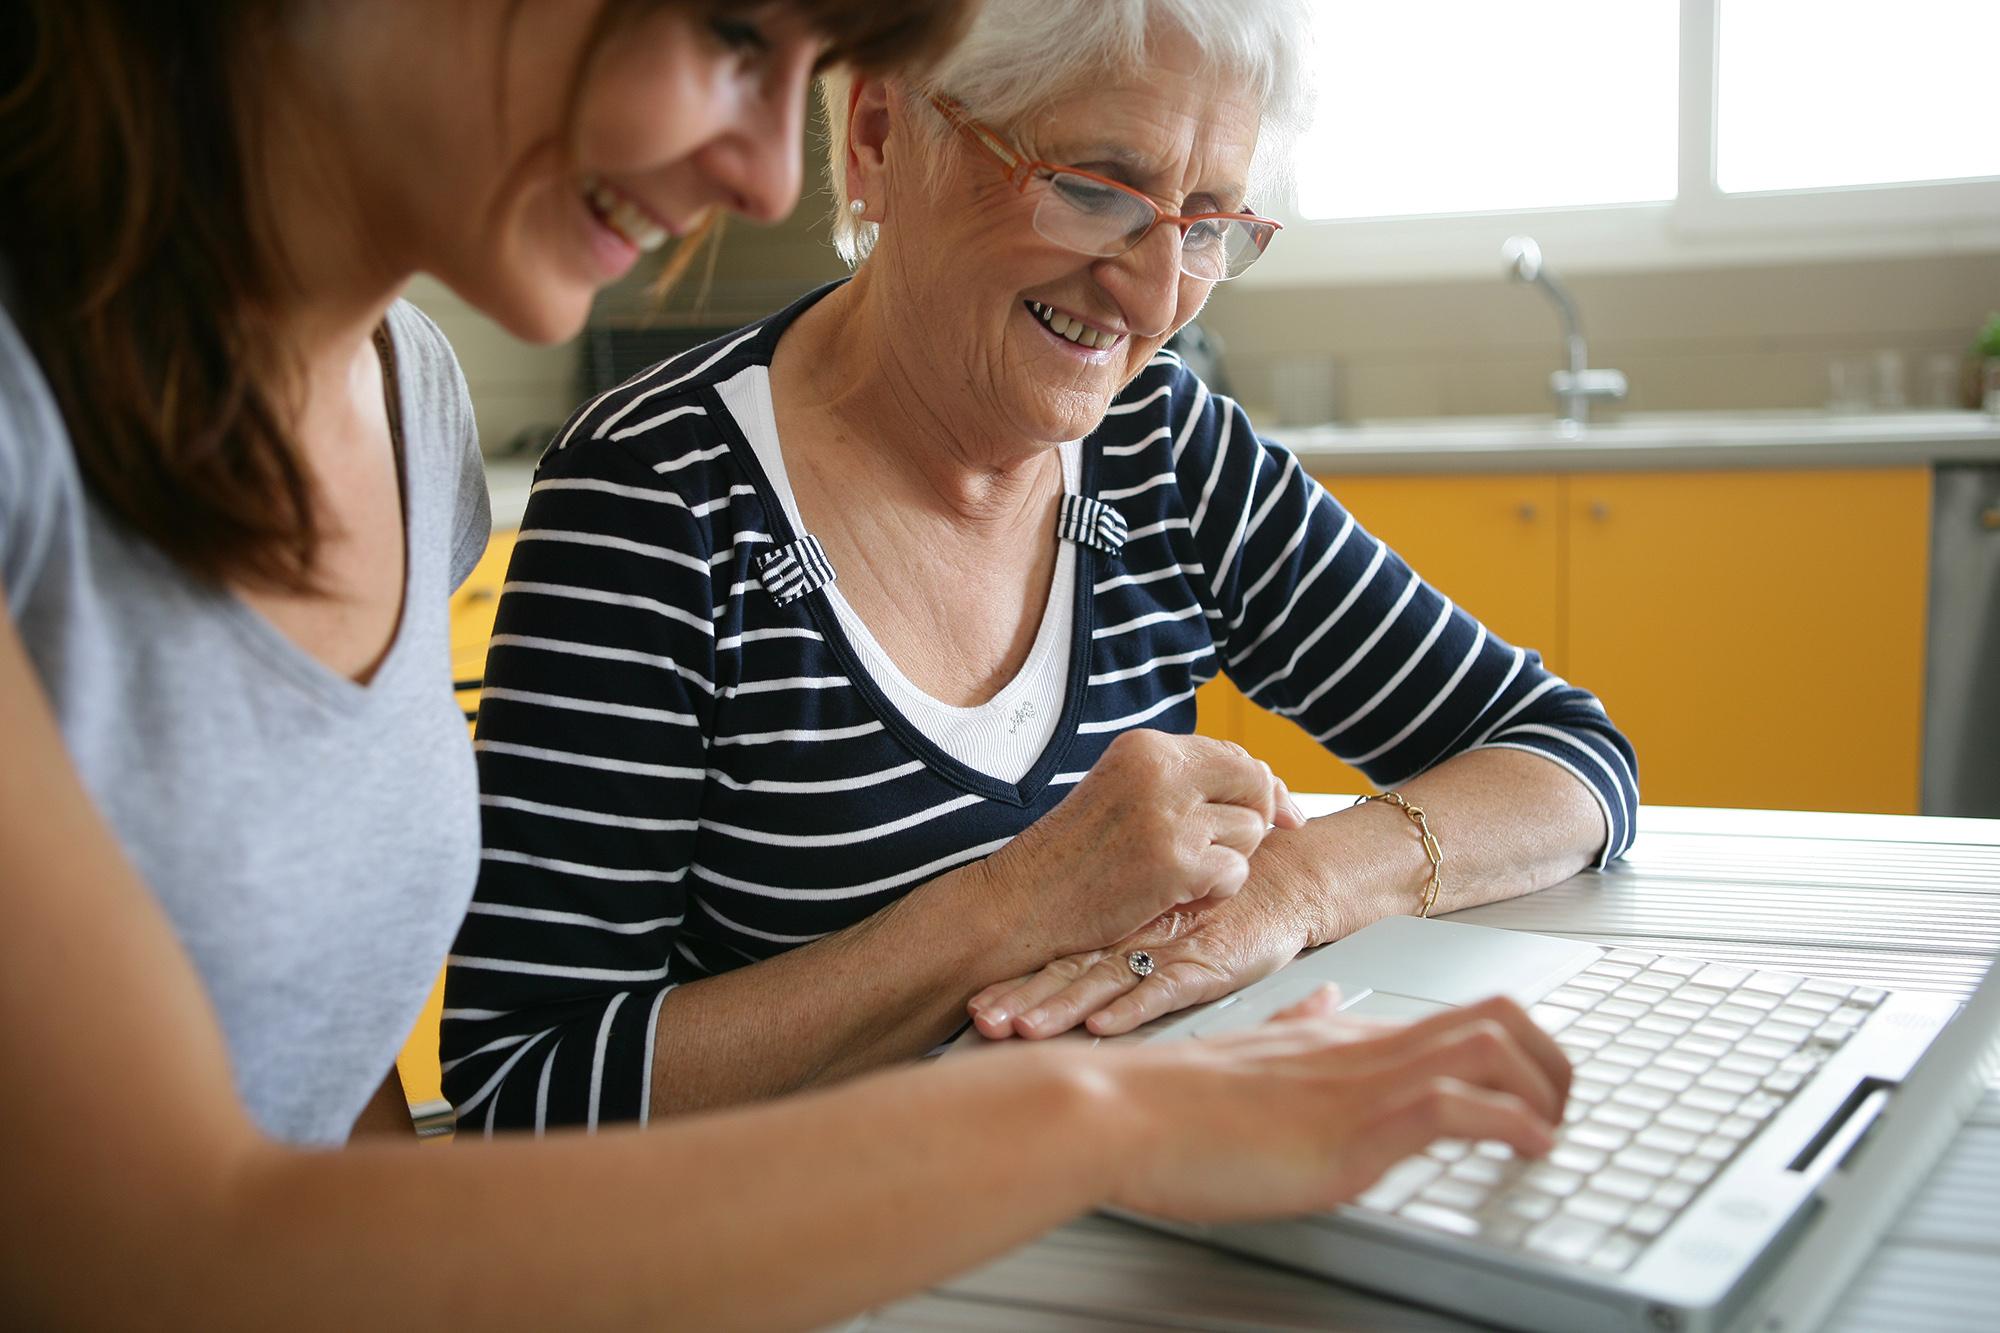 Retraitée souriante devant un ordinateur près d'une femme